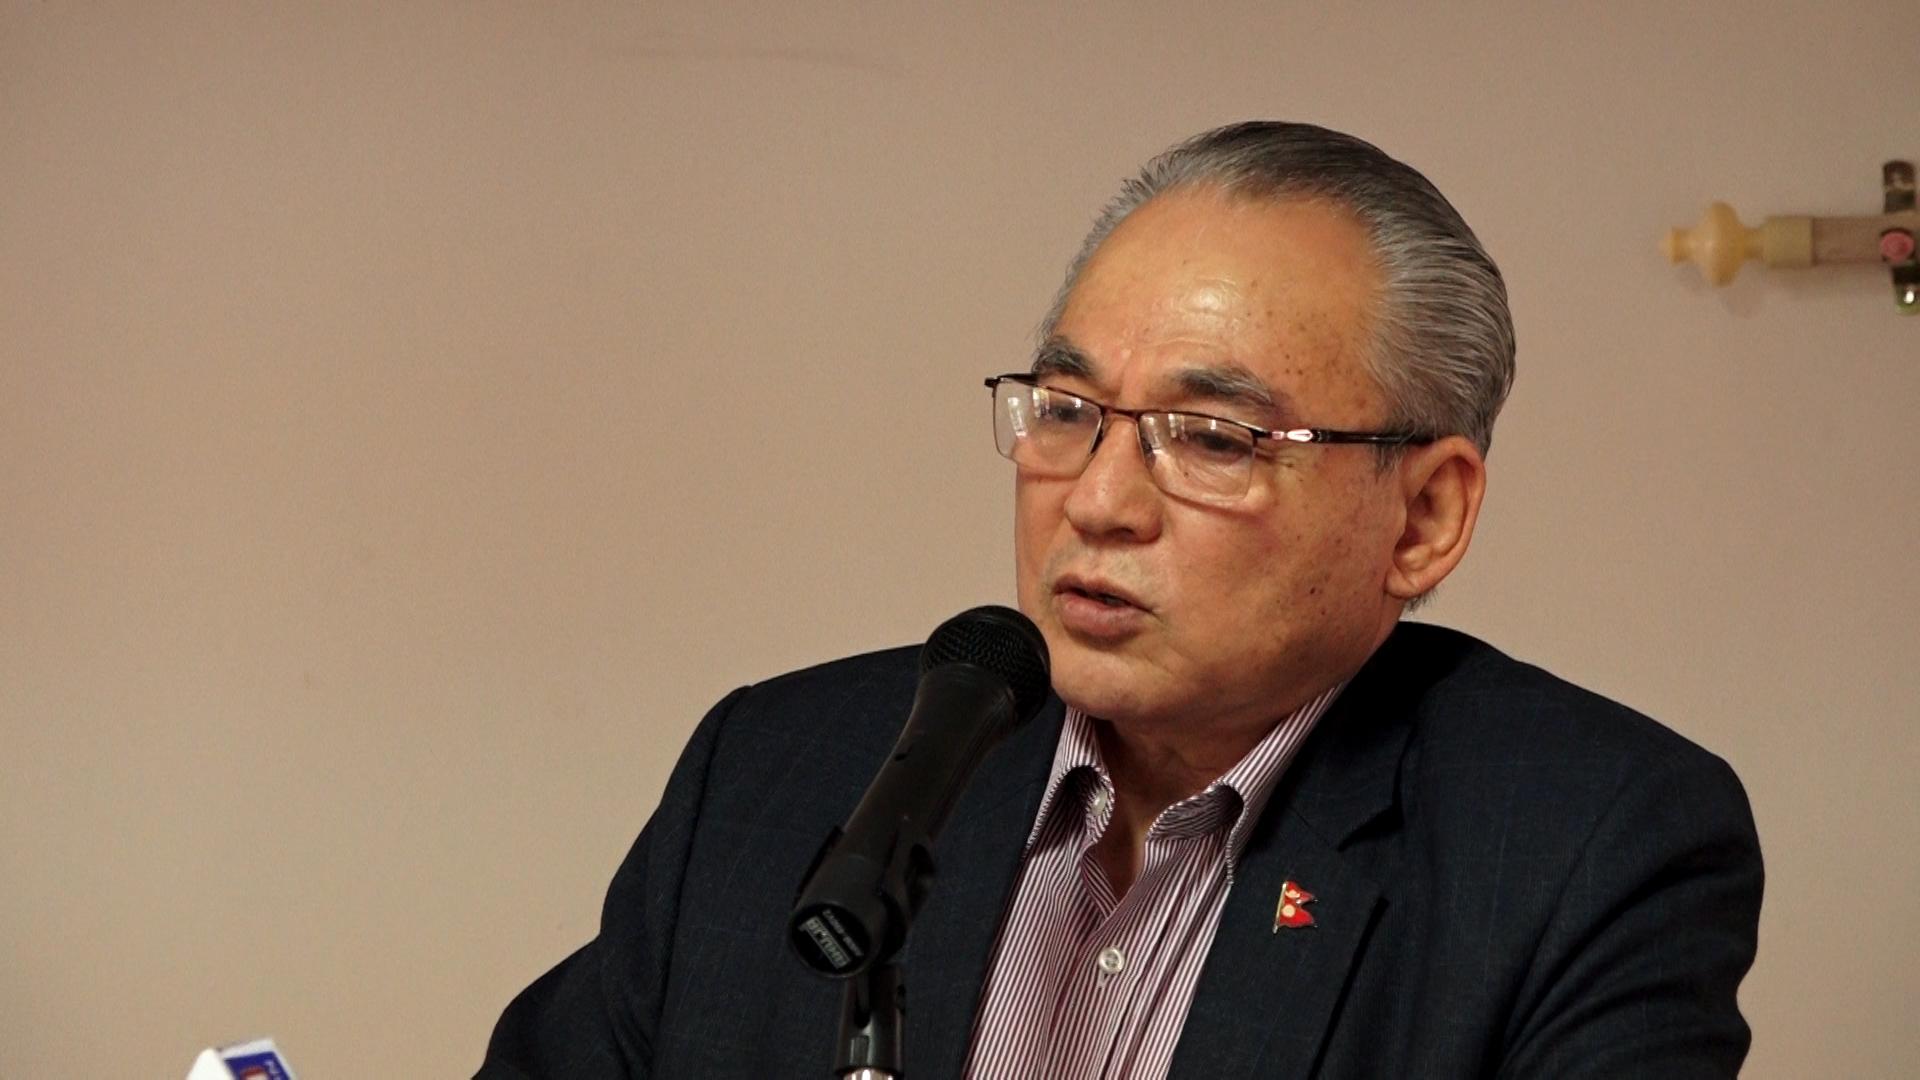 विपद् व्यवस्थापनमा नयाँ रणनीति अपनाउन गृहमन्त्री थापाको निर्देशन